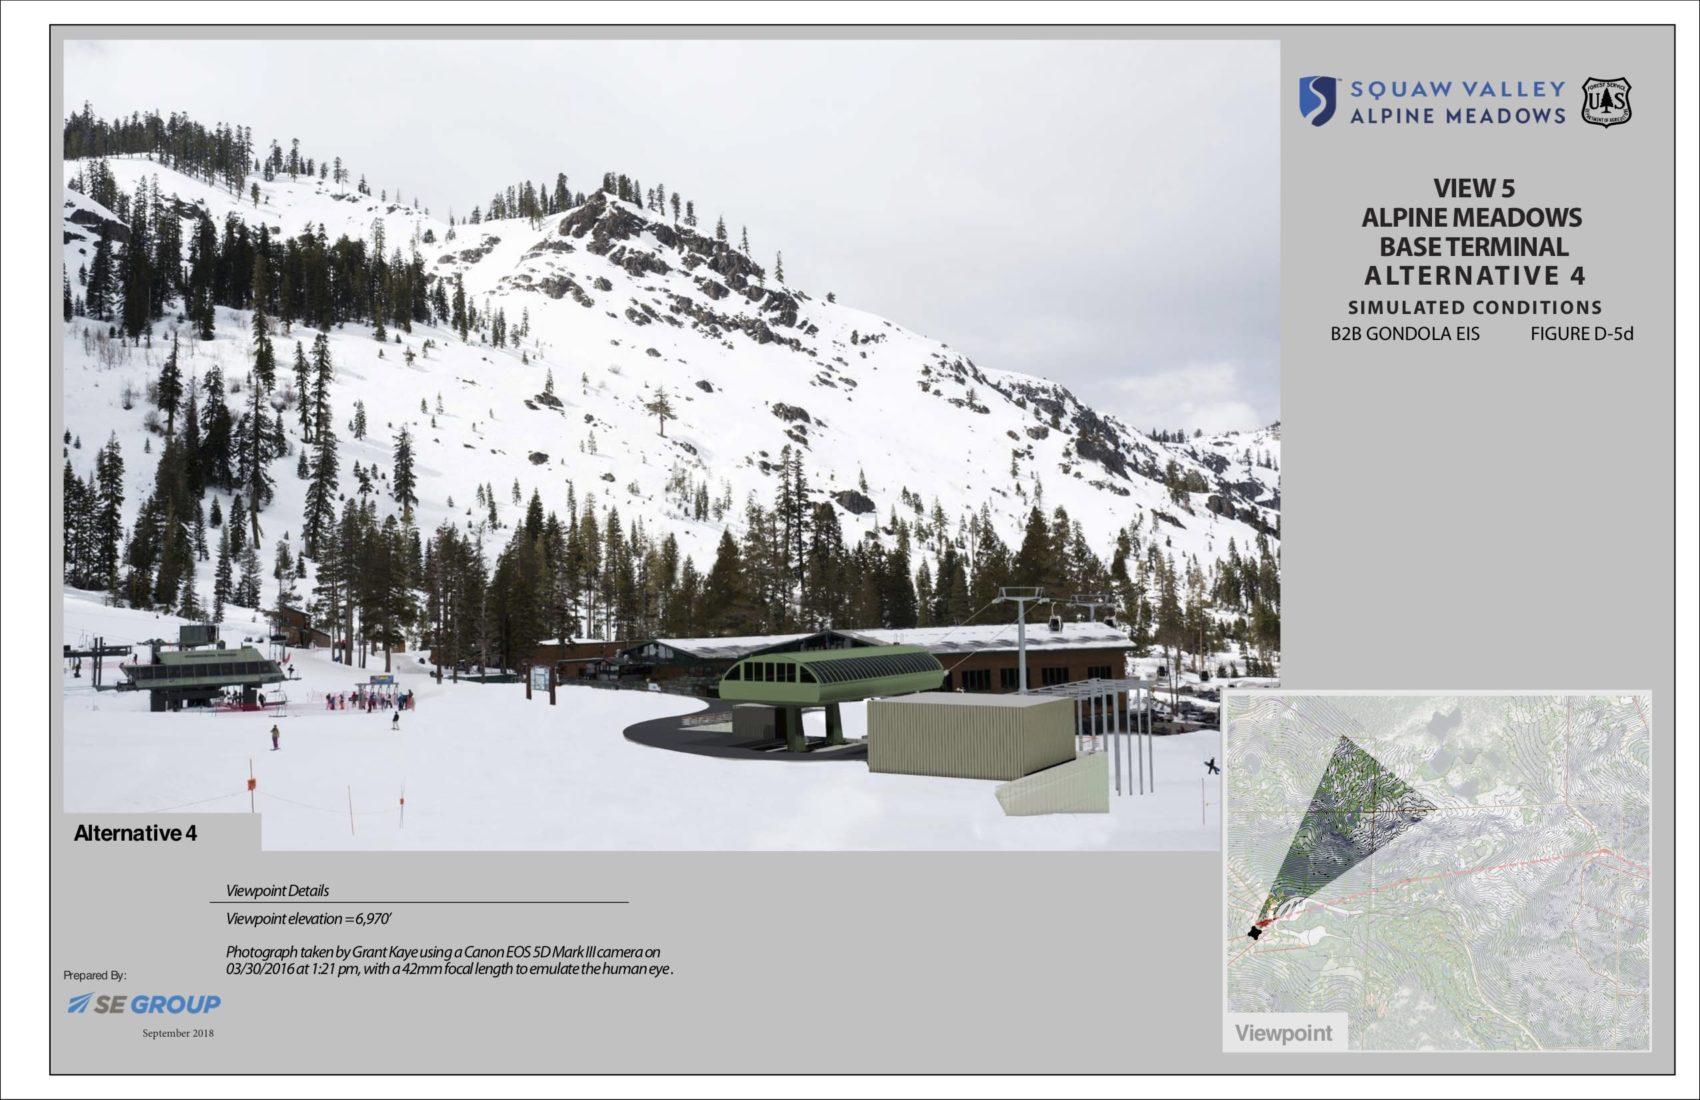 squaw, alpine, gondola, california